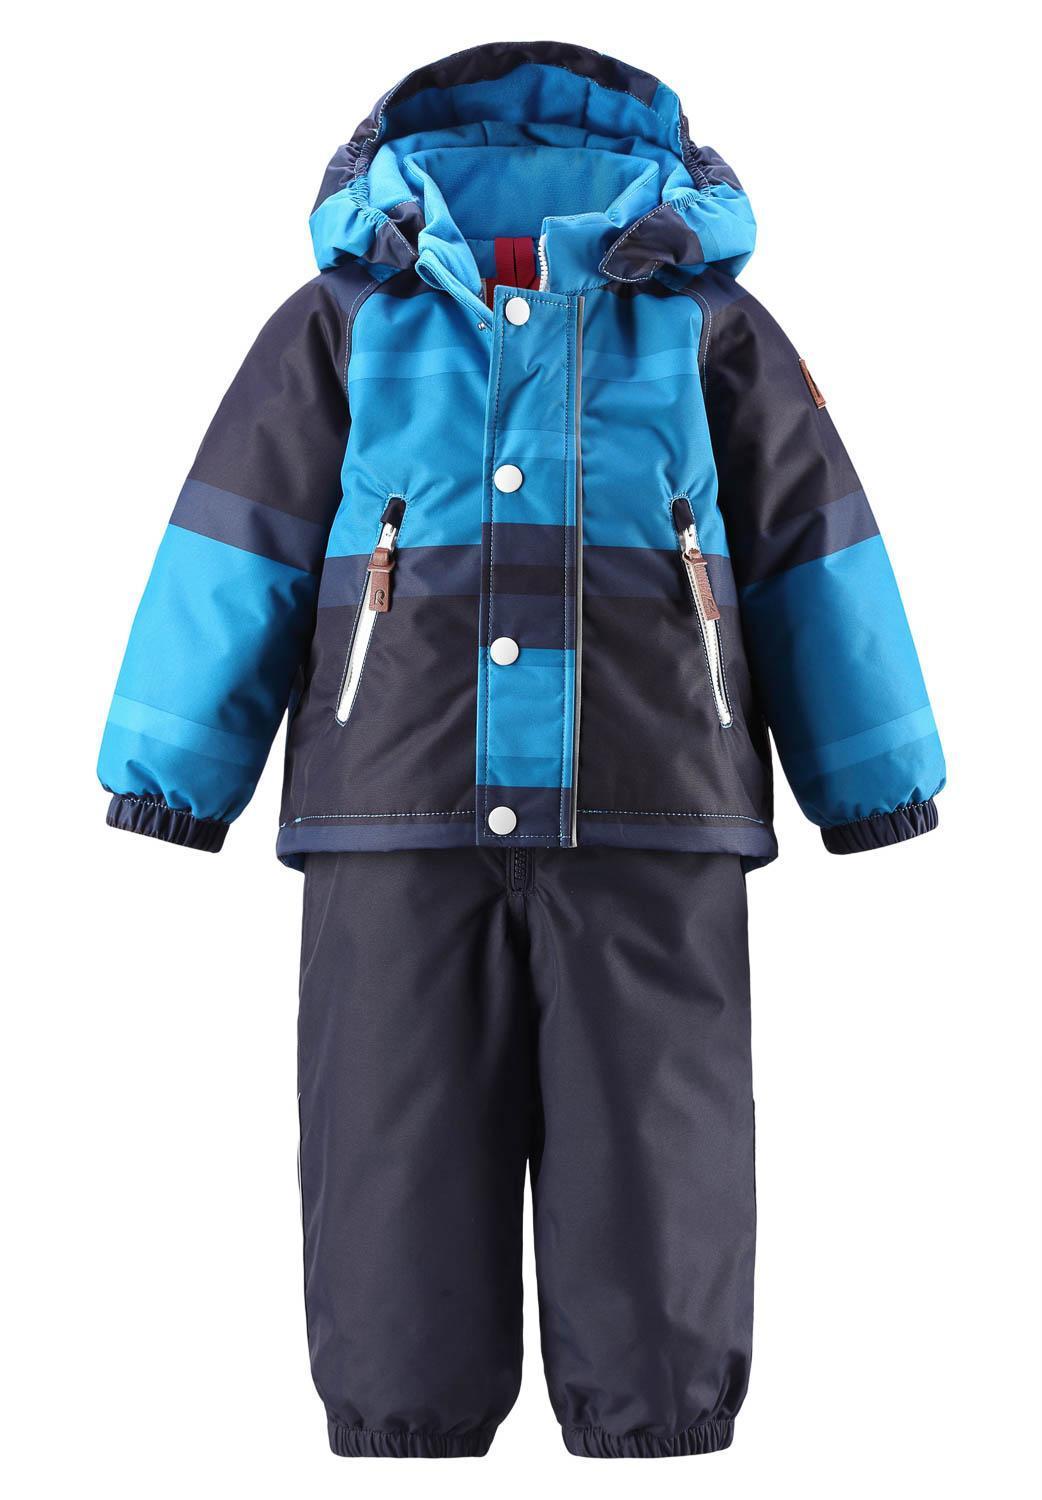 Одежда для мальчиков 2-3 лет